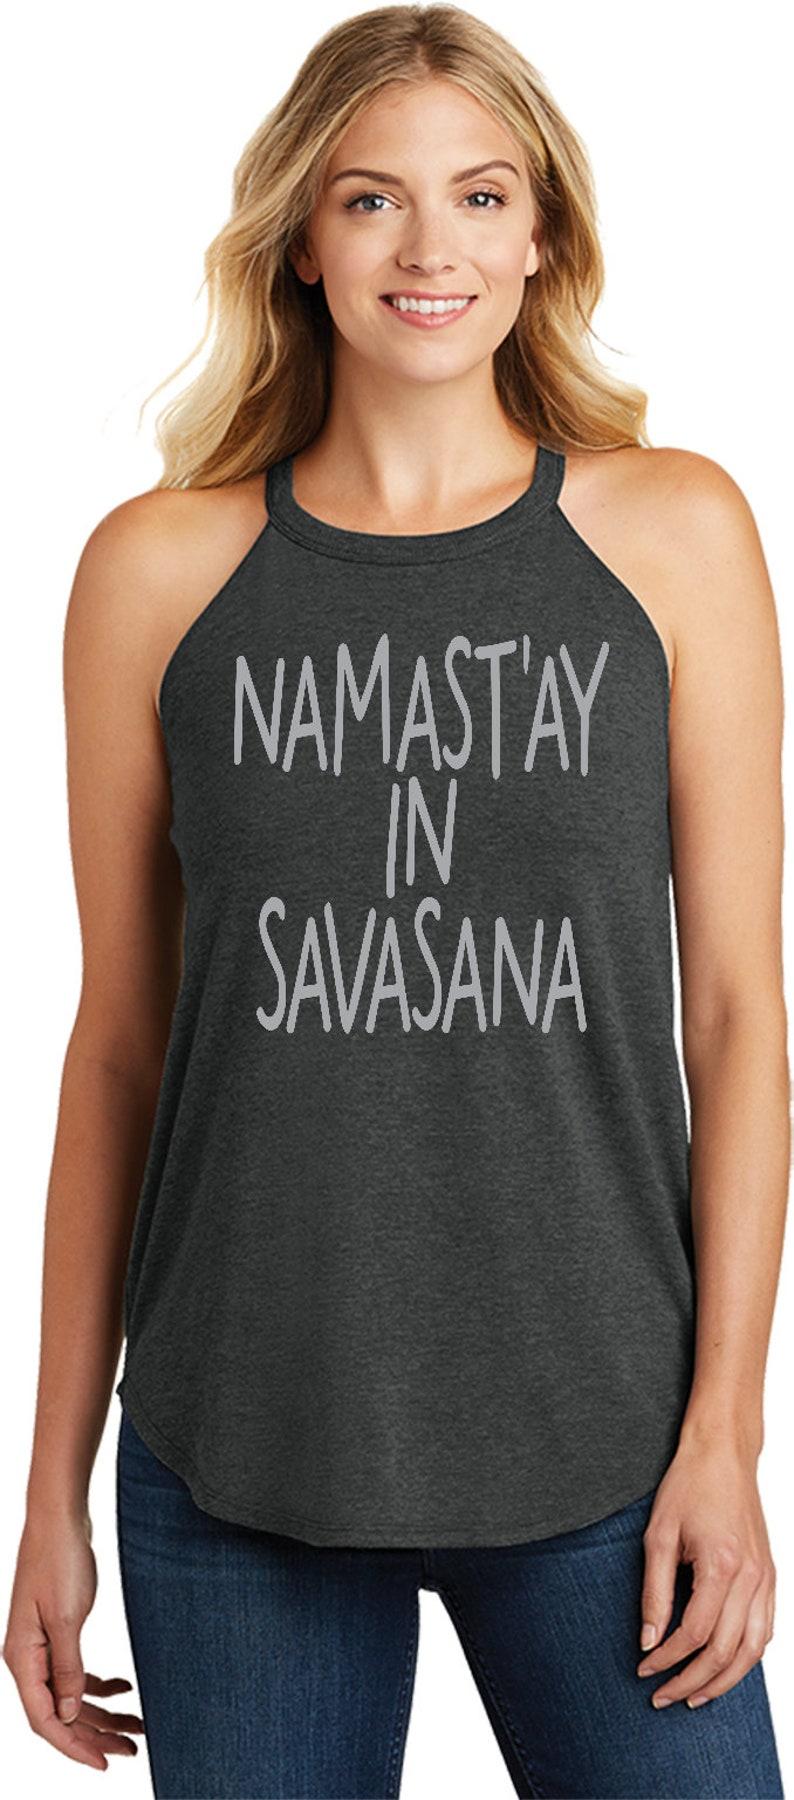 Namastay in Savasana Ladies Yoga Tri Blend Rocker Tanktop = SAVASANA-DT137L